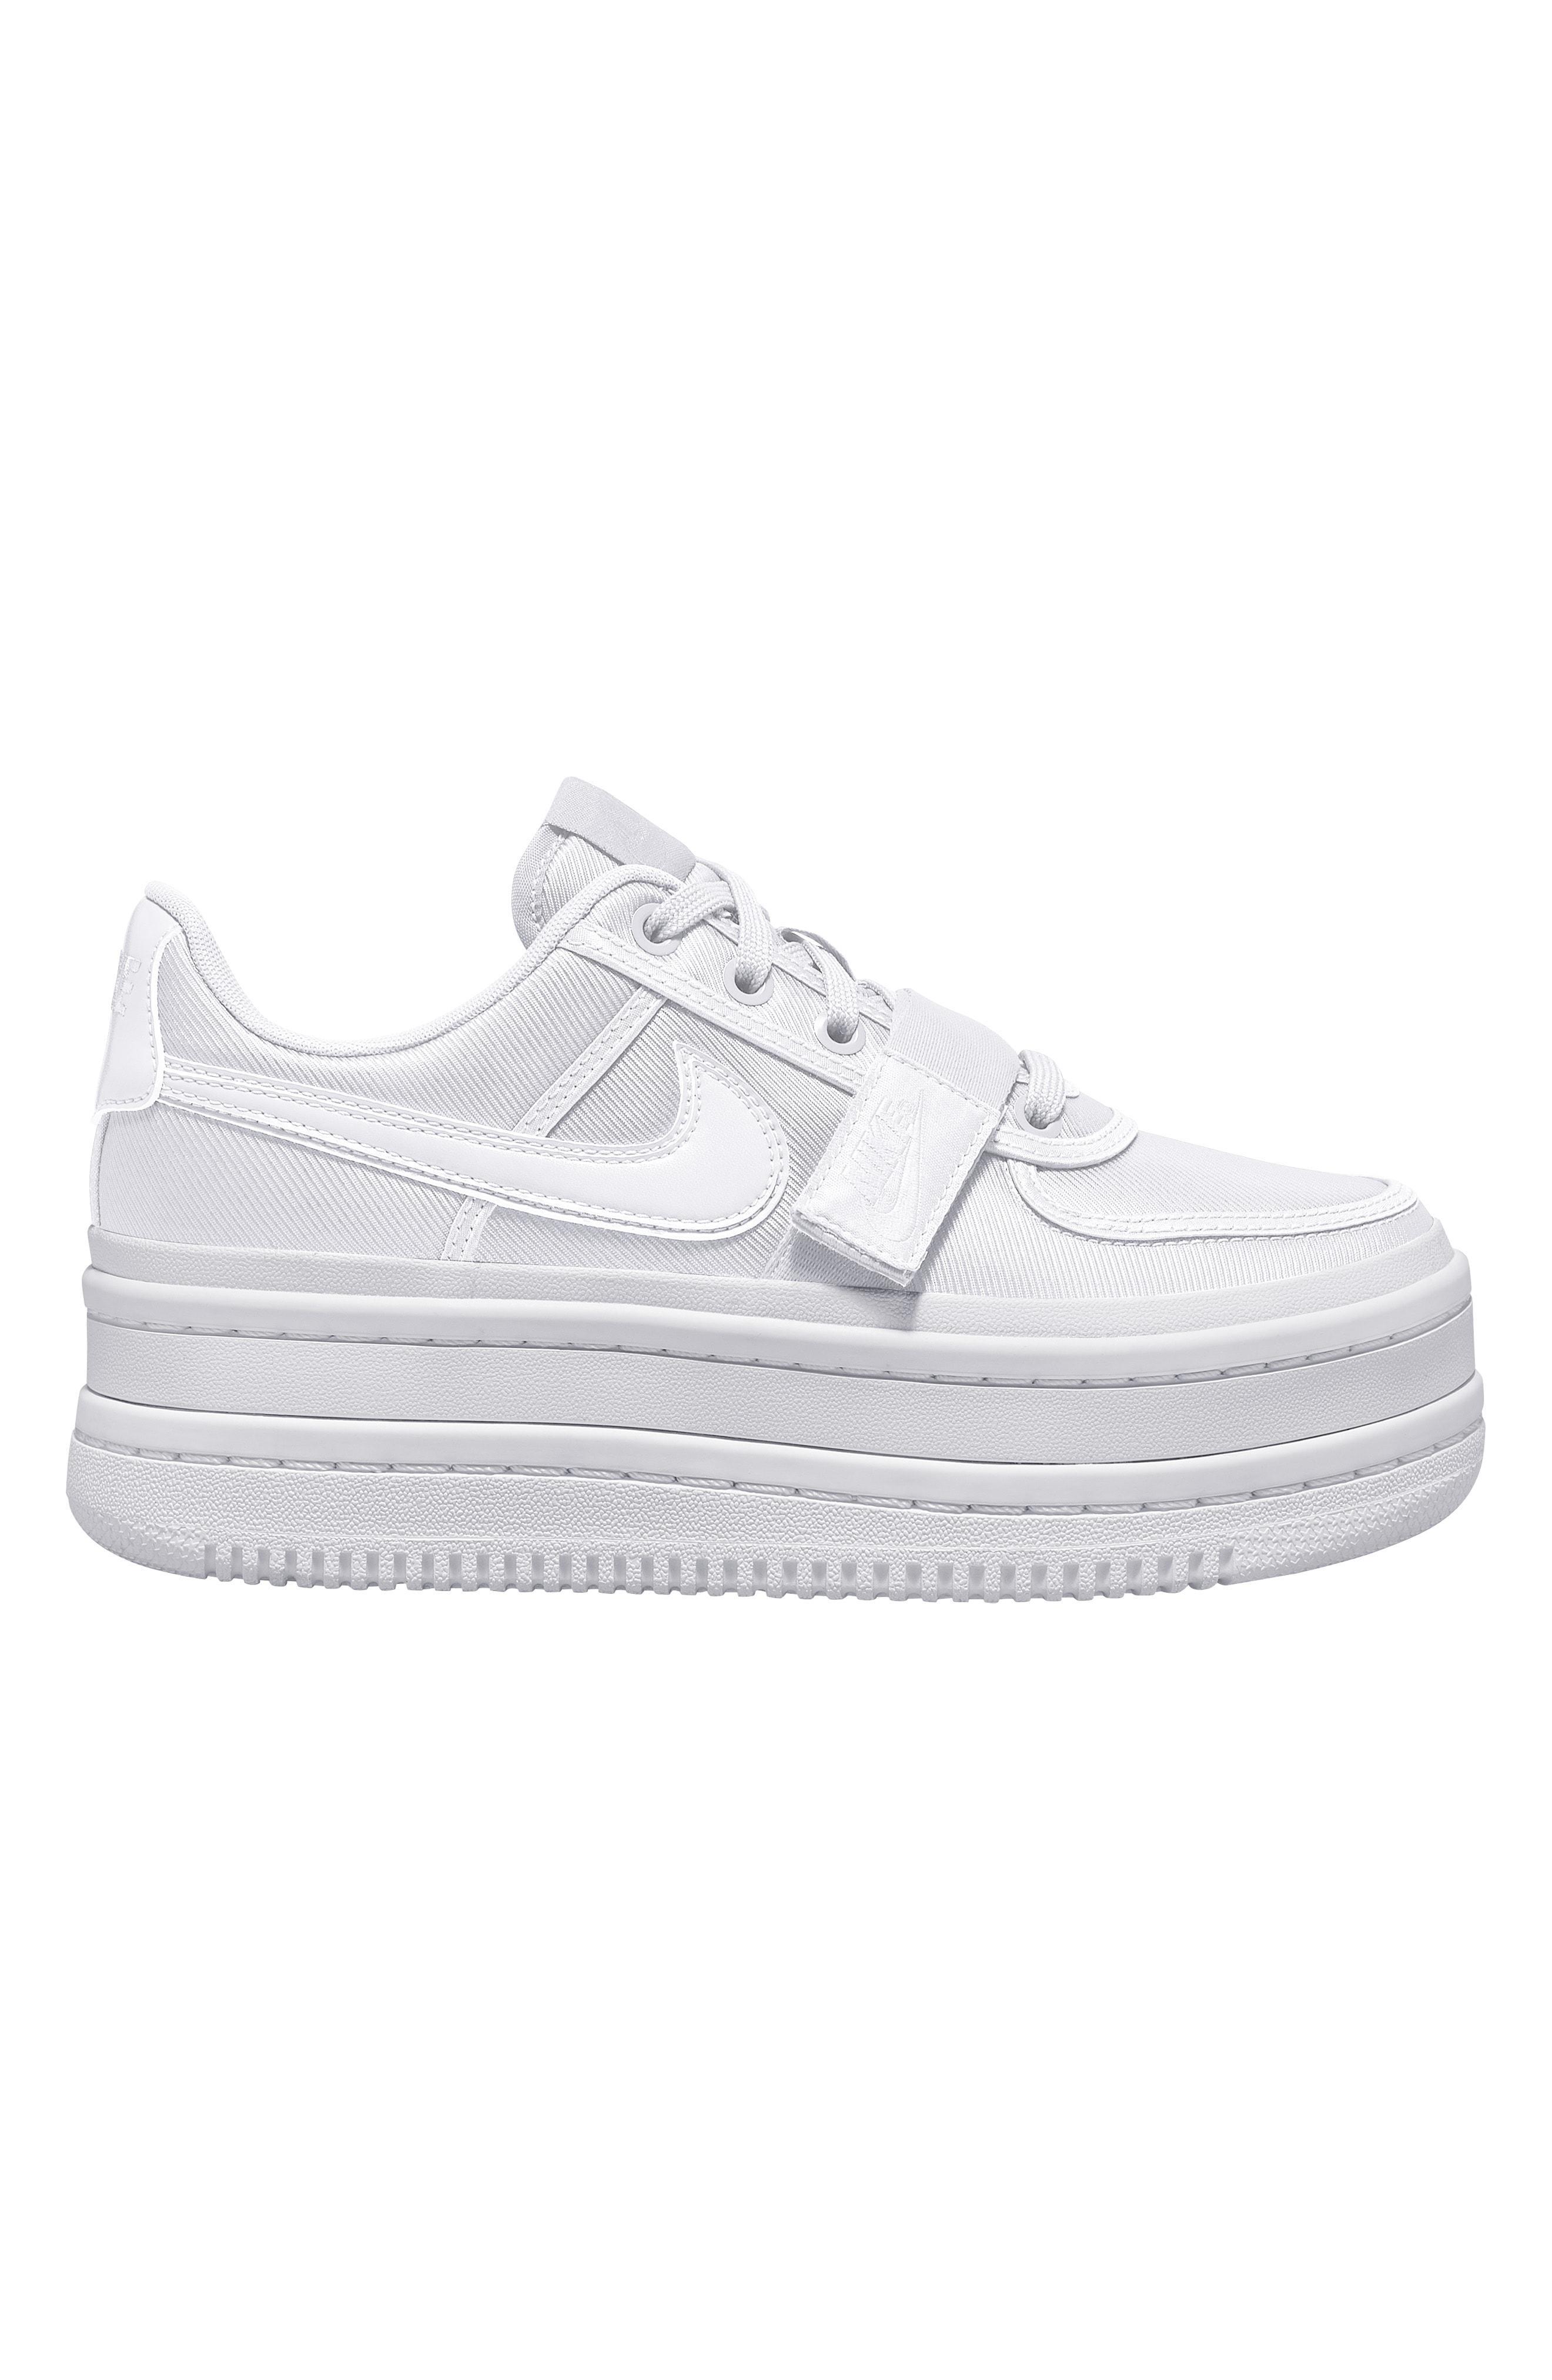 outlet store f1d54 6becc Nike Vandal 2k Sneaker in White - Lyst